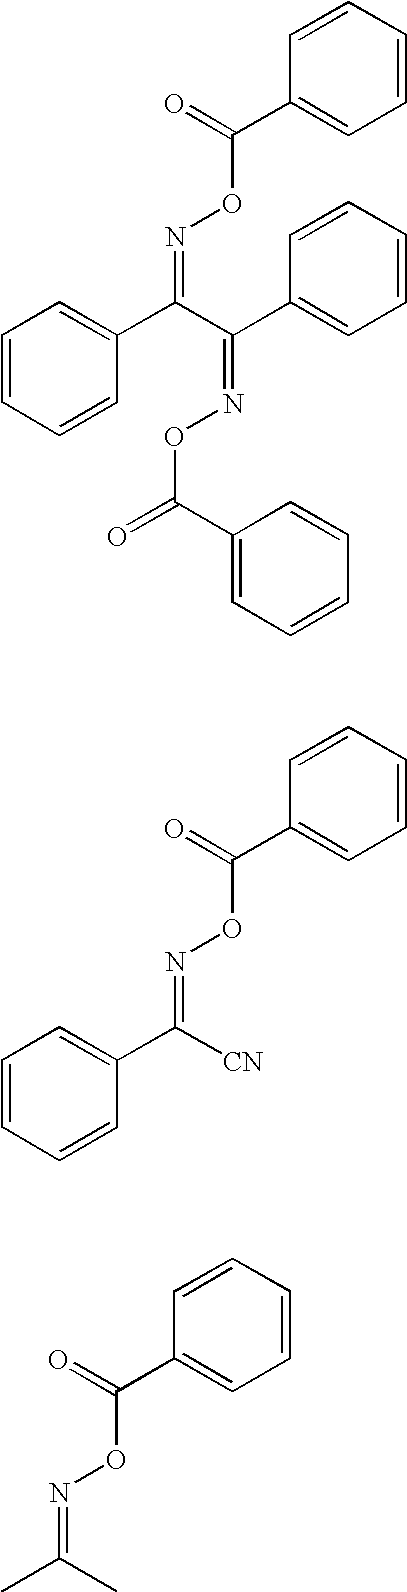 Figure US07425406-20080916-C00055